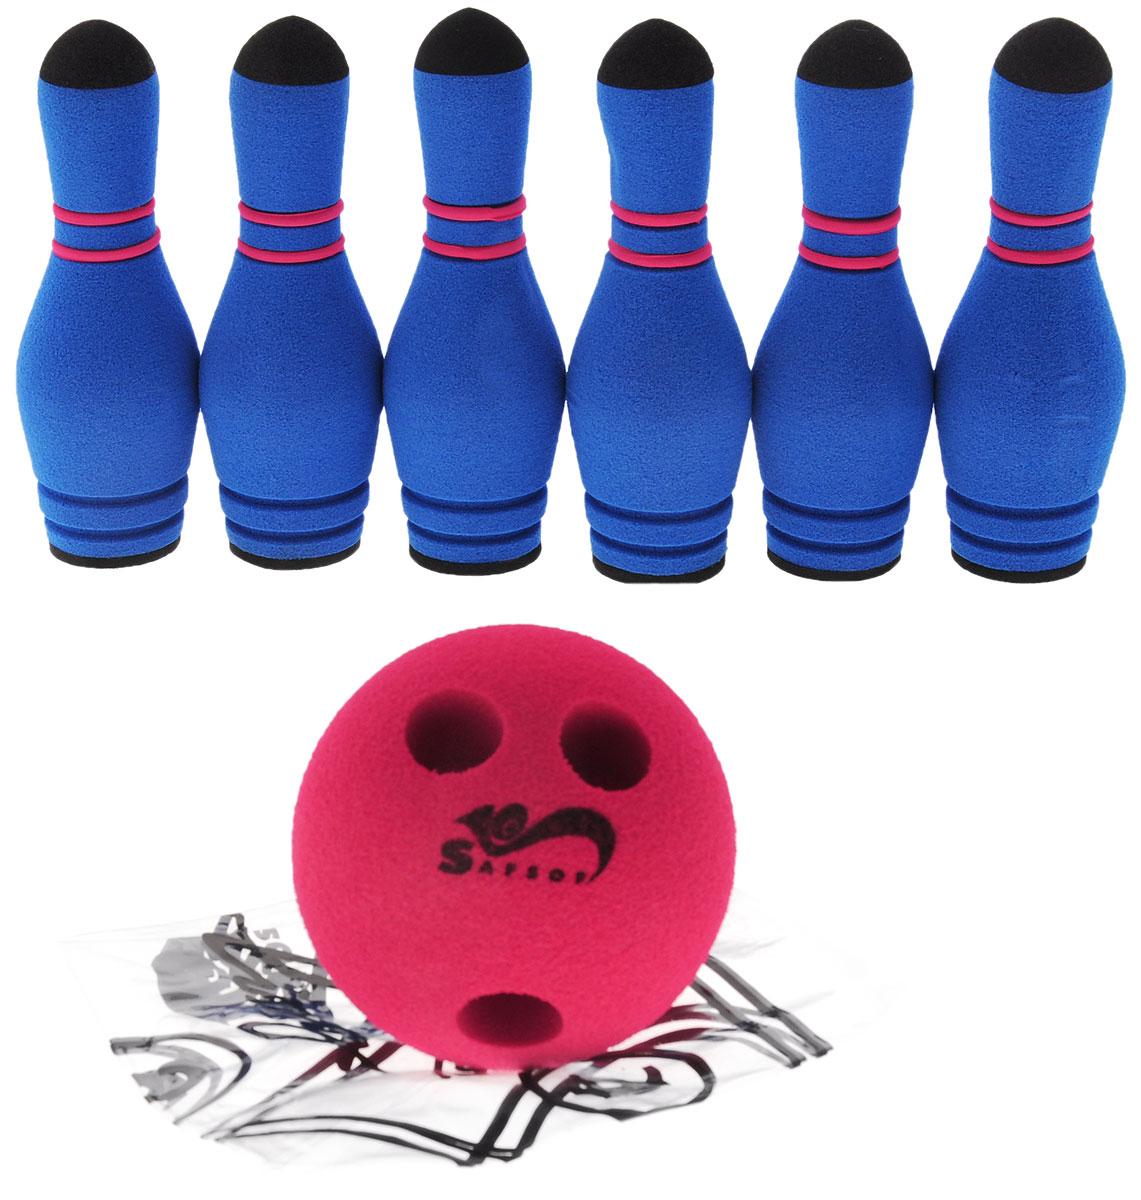 Safsof Игровой набор Мини-боулинг цвет синий красныйMBB-05(B)_синий, красныйИгровой набор Safsof Мини-боулинг, изготовленный из вспененной резины и полимера, состоит из шести кеглей и шара. Набор выполнен из мягкого материала, что обеспечивает безопасность ребенку. Суть игры в боулинг - сбить шаром максимальное количество кеглей. Число игроков и количество туров - произвольное. Очки, набранные с каждым броском мяча, рассматриваются как количество сбитых кегель. Расстояние, с которого совершается бросок, определяется игроками. Каждый игрок имеет право на два броска в одной рамке (рамка - треугольник, на поле которого выстраиваются кегли перед каждым первым броском очередного игрока). Бросок, при котором все кегли сбиты, называется страйк и обозначается как Х. Если все кегли сбиты первым броском, второй бросок не требуется: рамка считается закрытой. Призовые очки за страйк - это сумма кеглей, сбитых игроком следующими двумя бросками. Выигрывает тот игрок, который в сумме набирает больше очков.